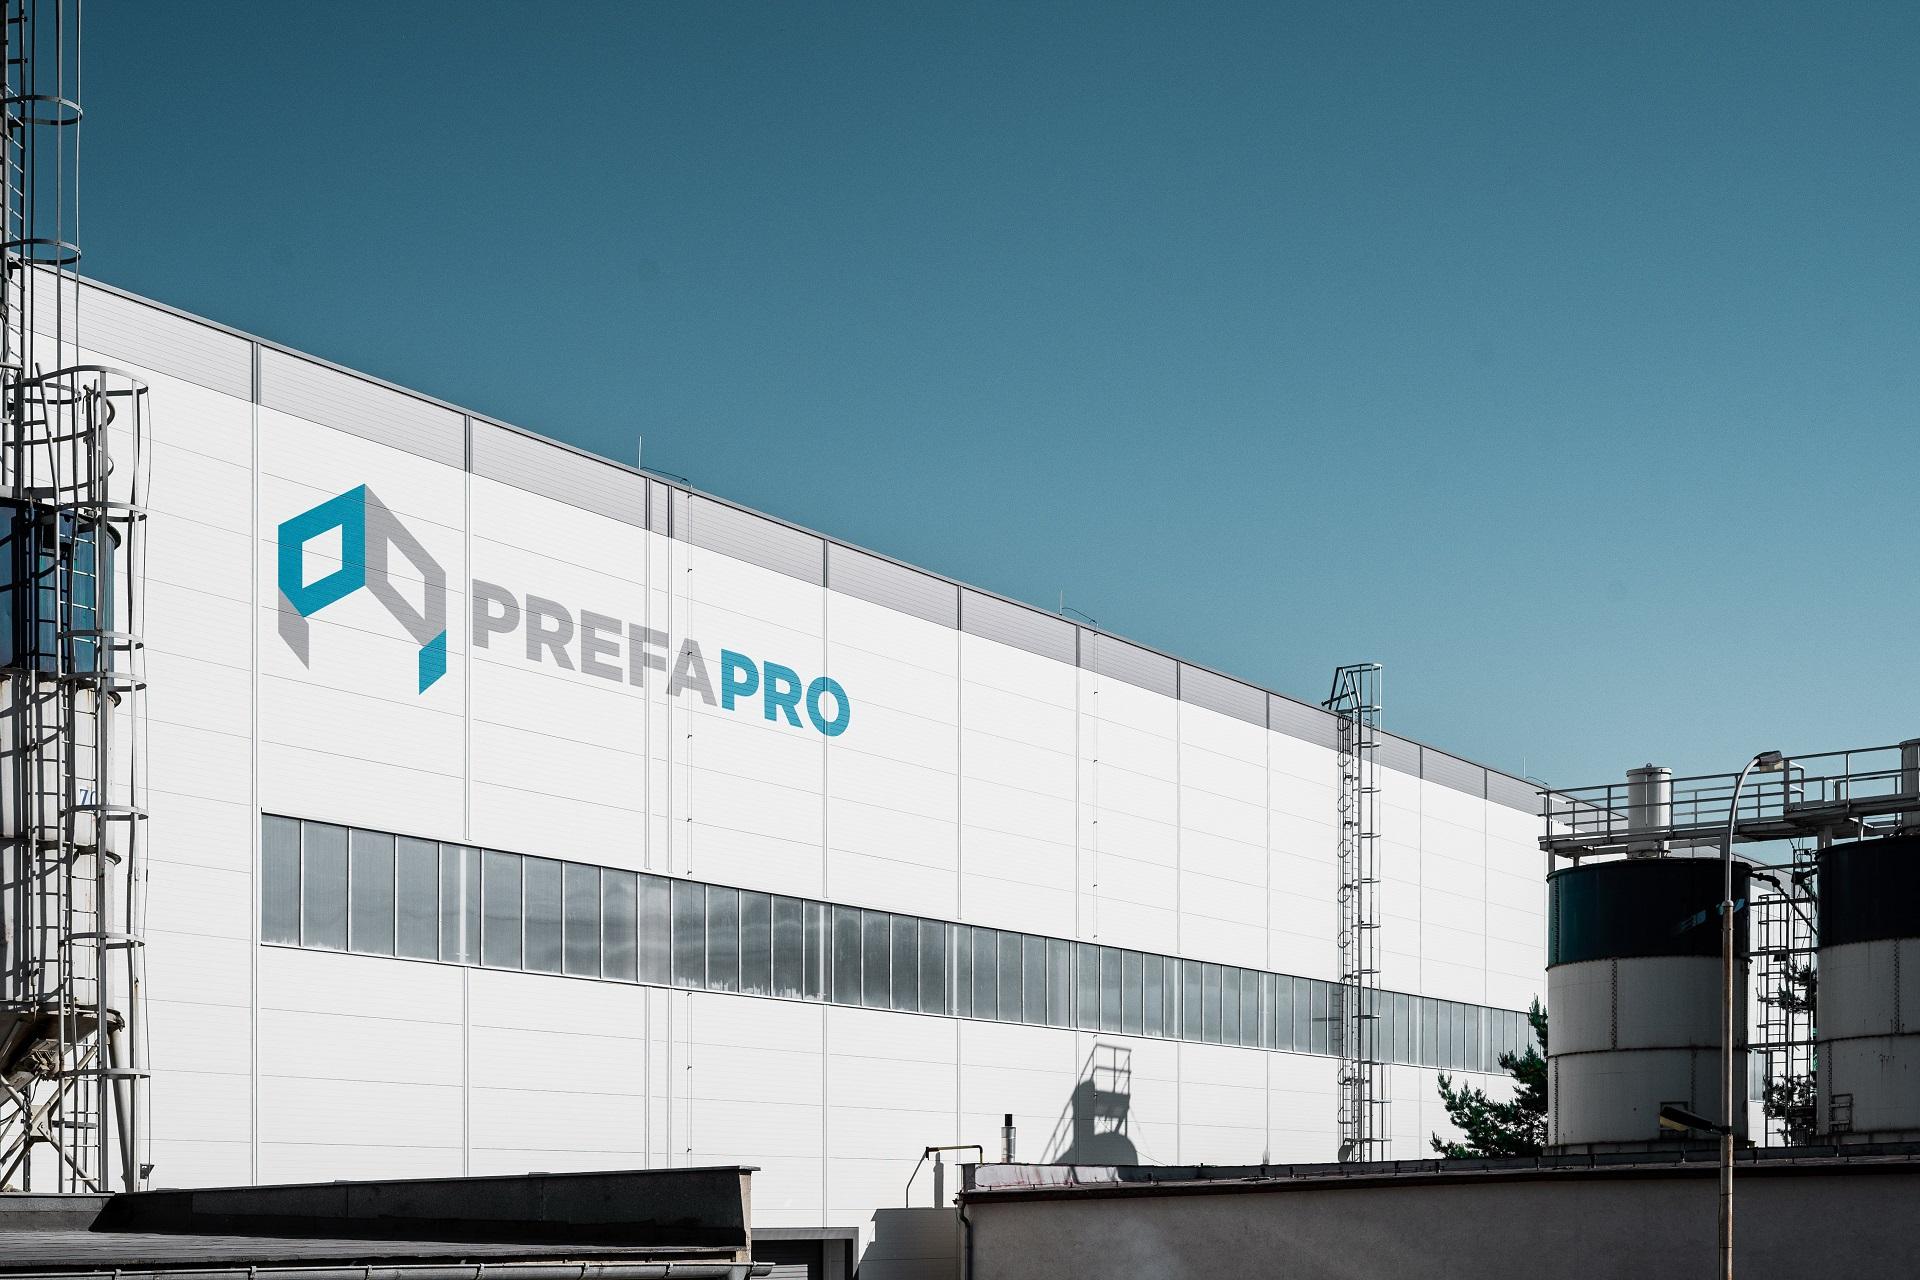 PrefaPro pohled na hlavní budovu